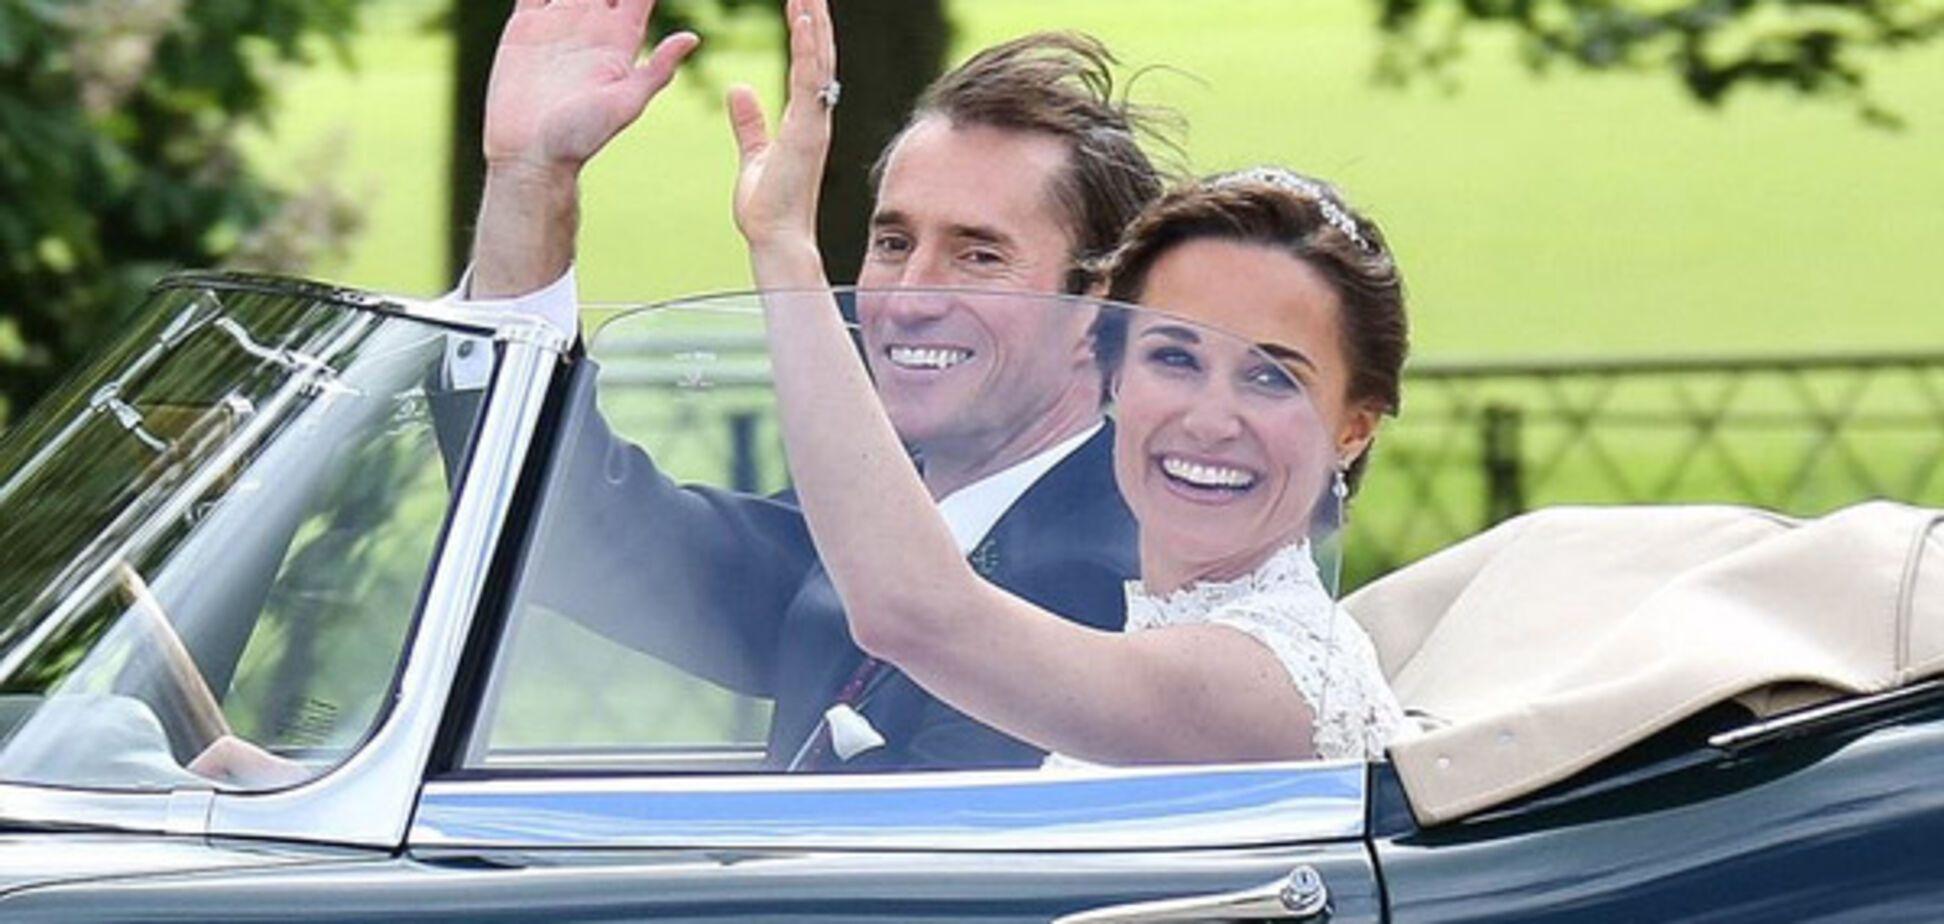 Принц Гаррі підірвав соцмережі знімками з весілля